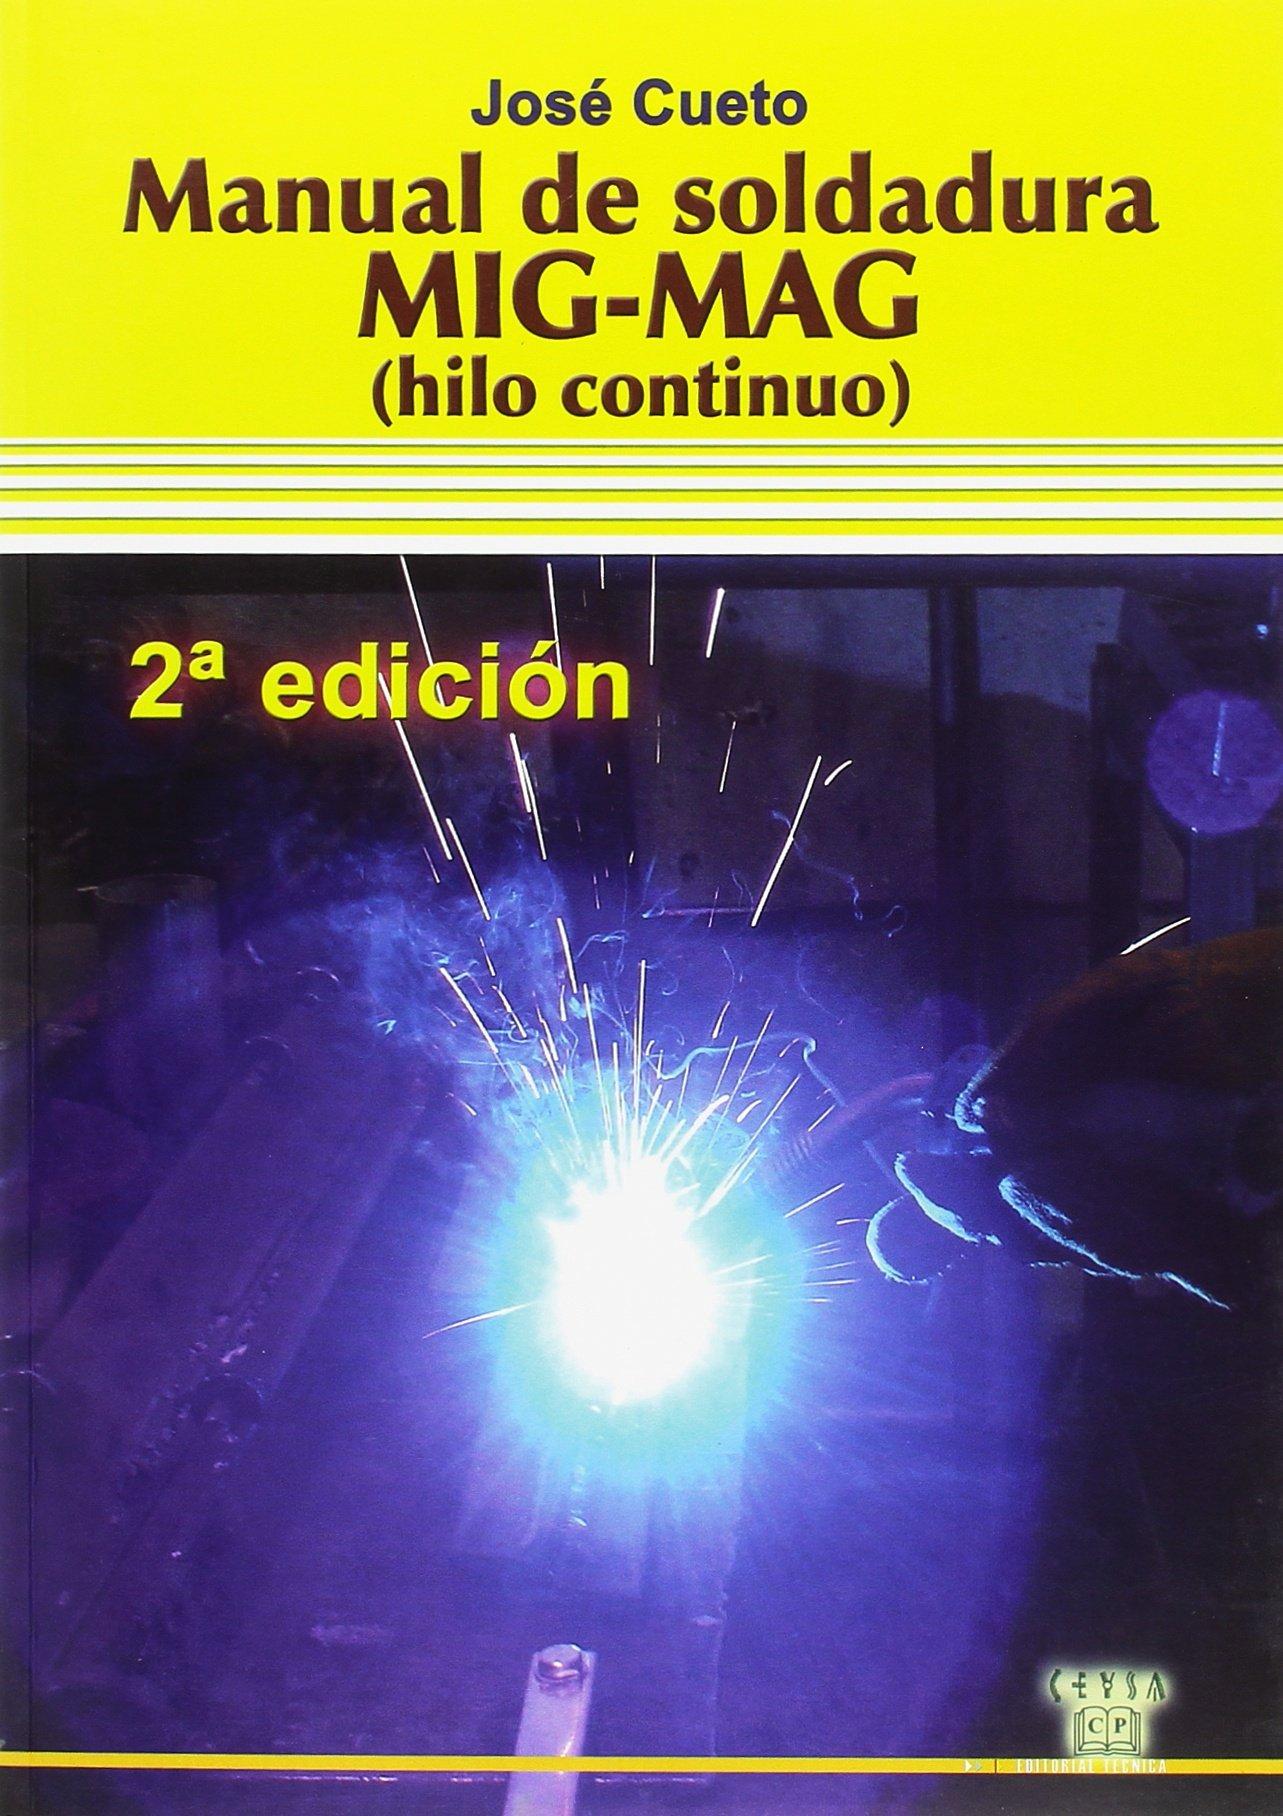 Manual de soldadura mig-mag (hilo continuo): Amazon.es: Jose Cueto: Libros